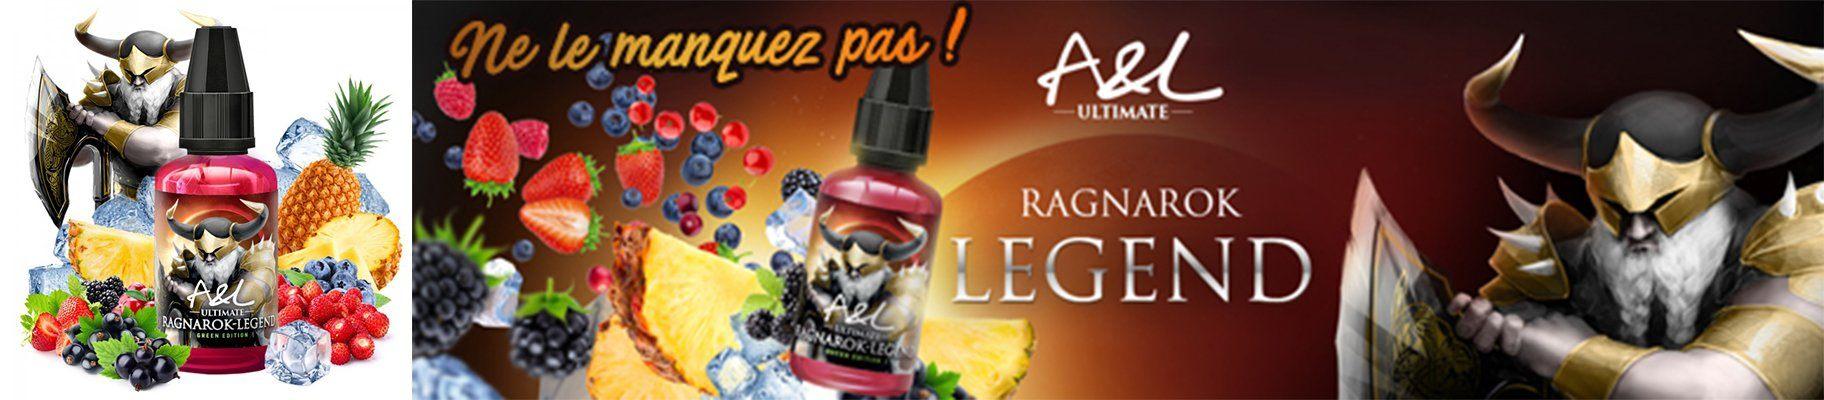 ragnarok legend - Boutique de cigarette électronique, eliquides à pas cher.